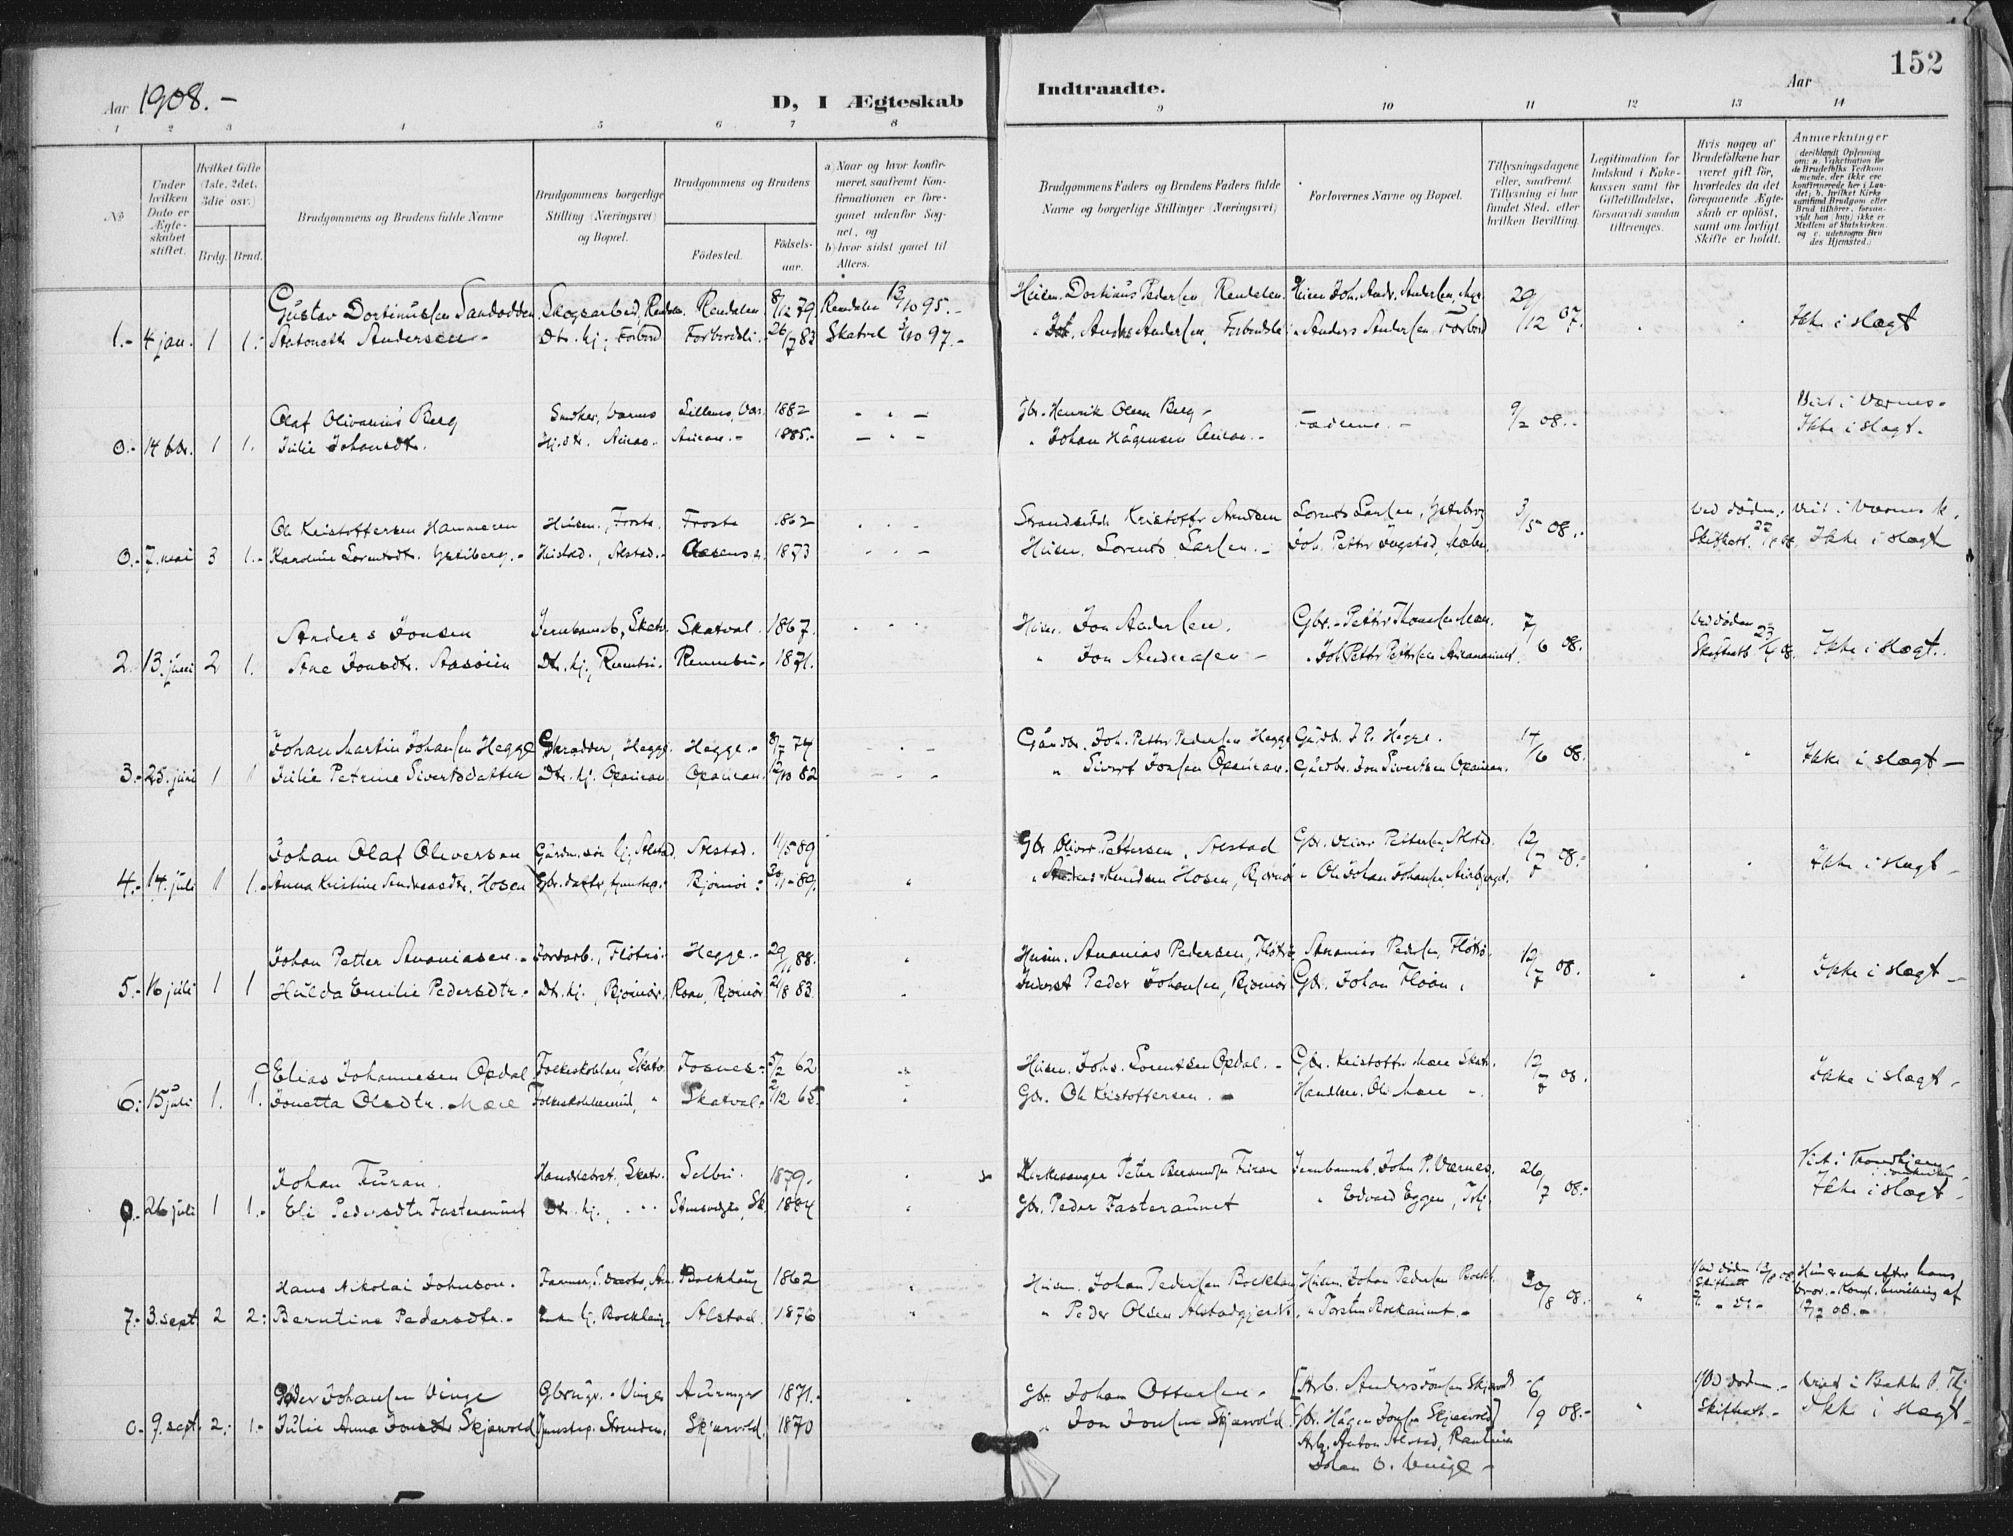 SAT, Ministerialprotokoller, klokkerbøker og fødselsregistre - Nord-Trøndelag, 712/L0101: Ministerialbok nr. 712A02, 1901-1916, s. 152